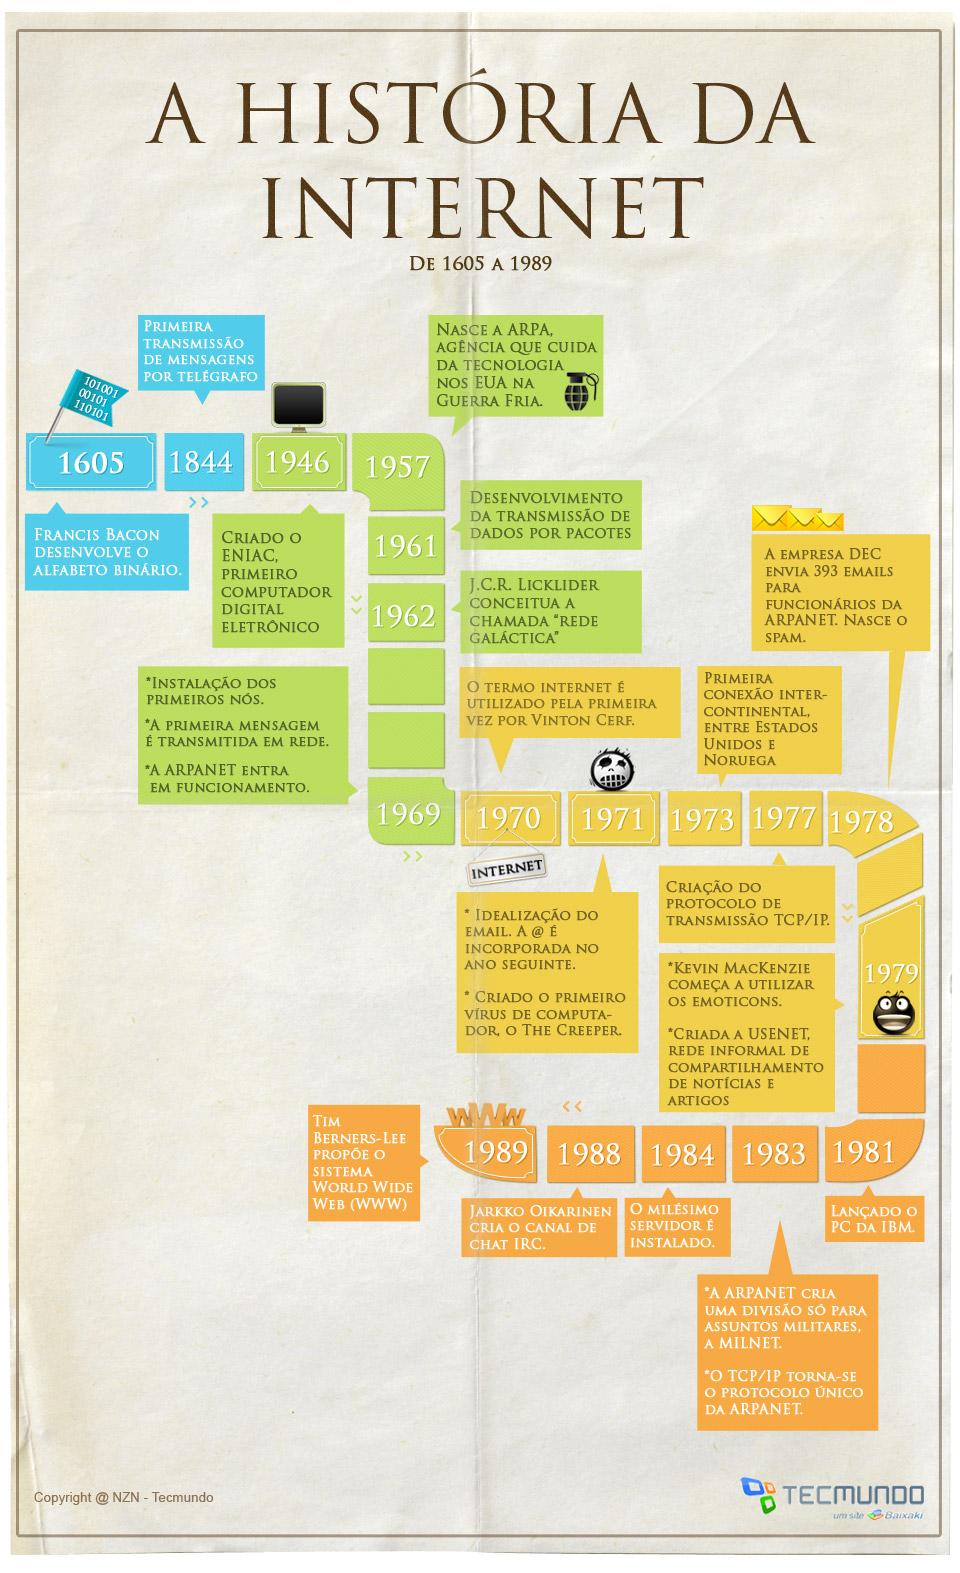 A história da Internet: pré-década de 60 até anos 80 [infográfico]